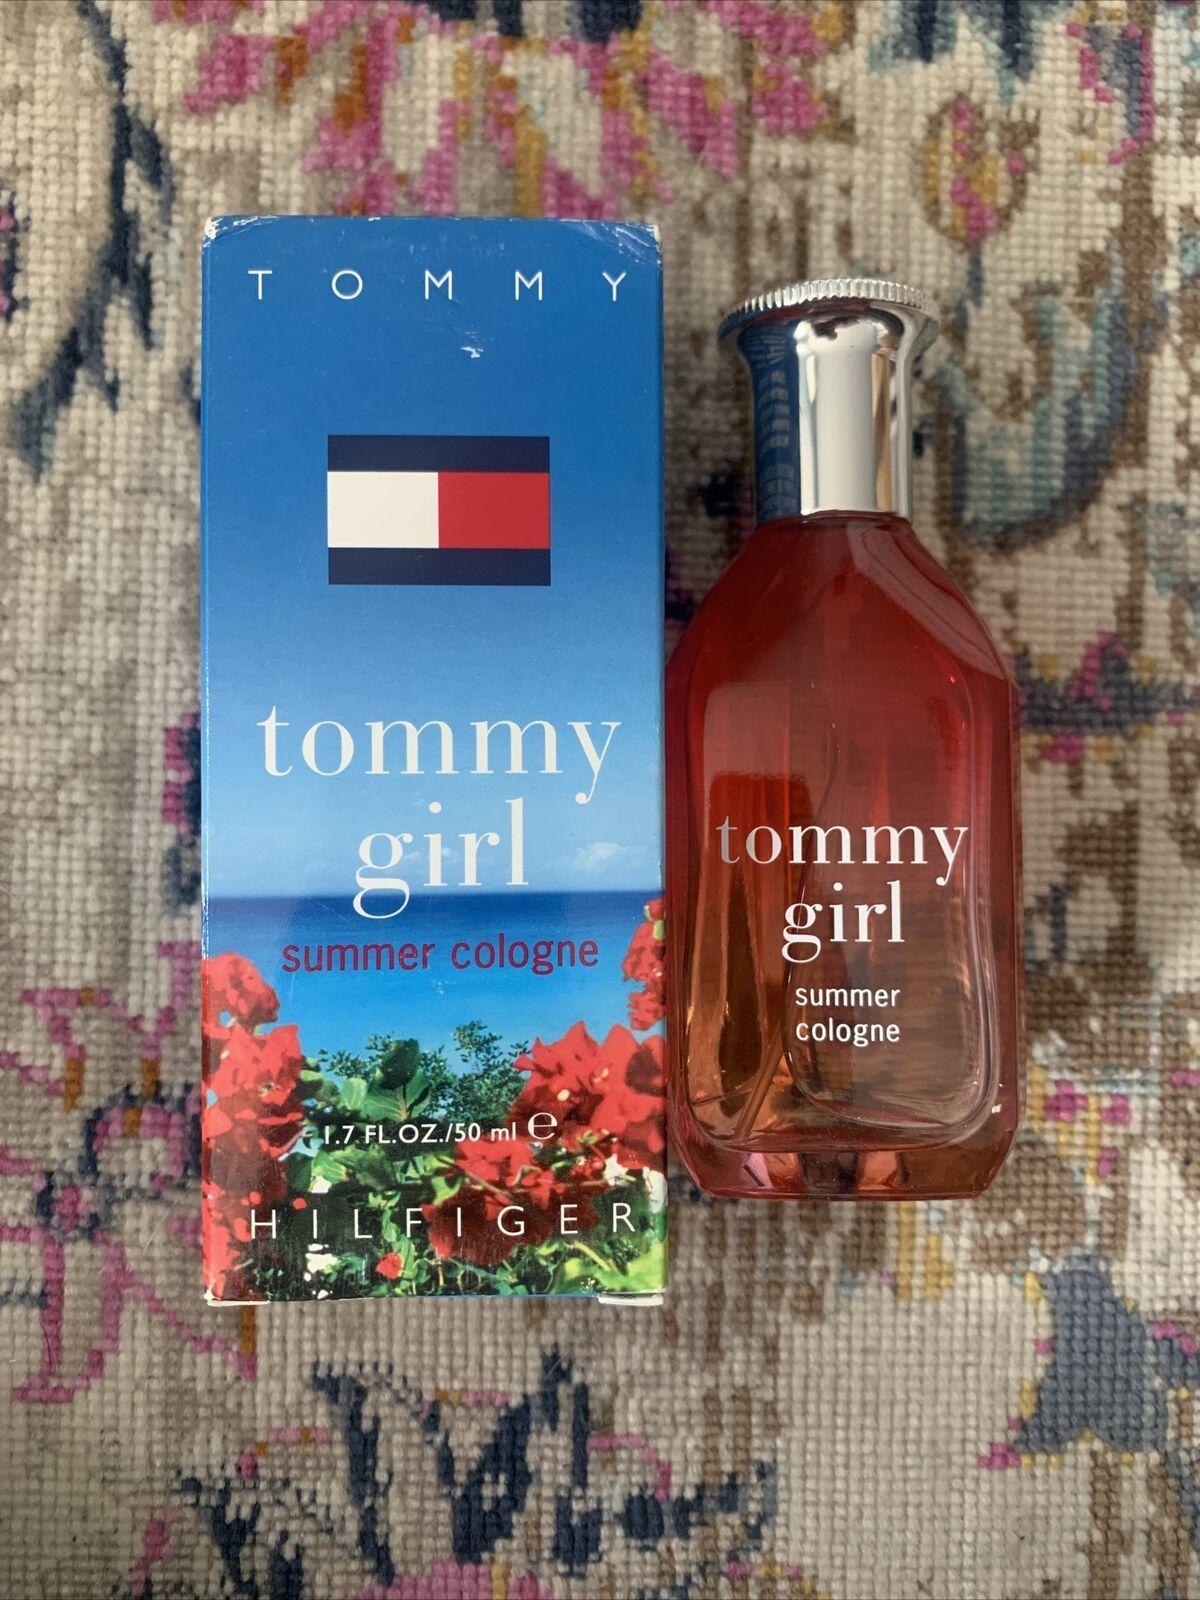 Aaaaaatommy hilfiger tommy girl summer perfume 1.7 oz